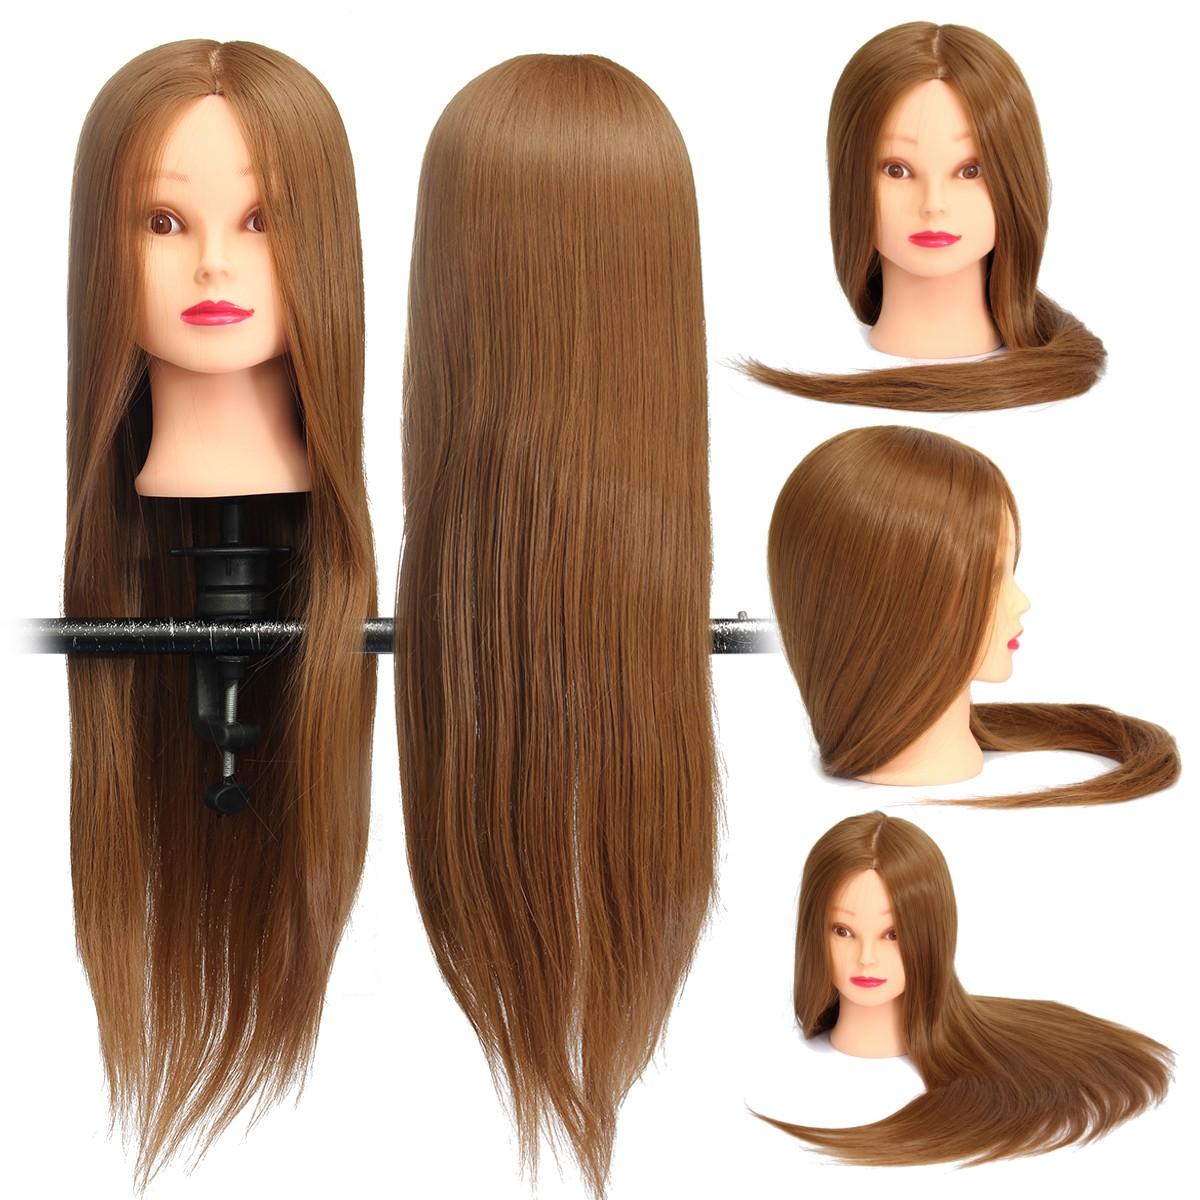 Коричневый 18 дюймов Длинный прямой Волосы Тренировочная модель Манекен-практика Головной салон